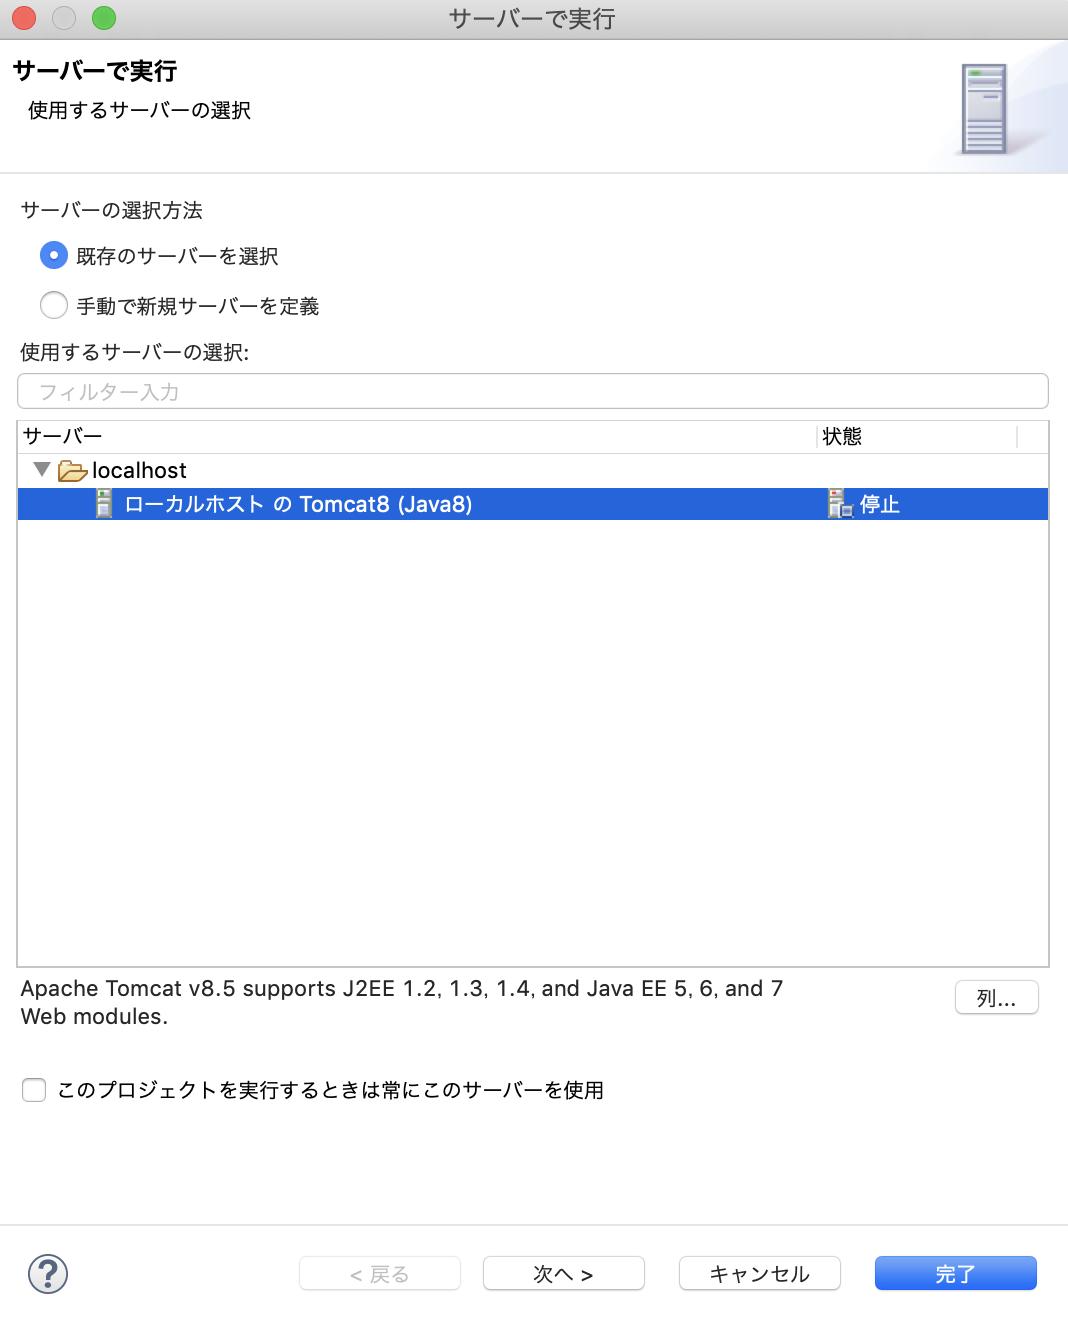 スクリーンショット 2019-04-17 0.18.14.png